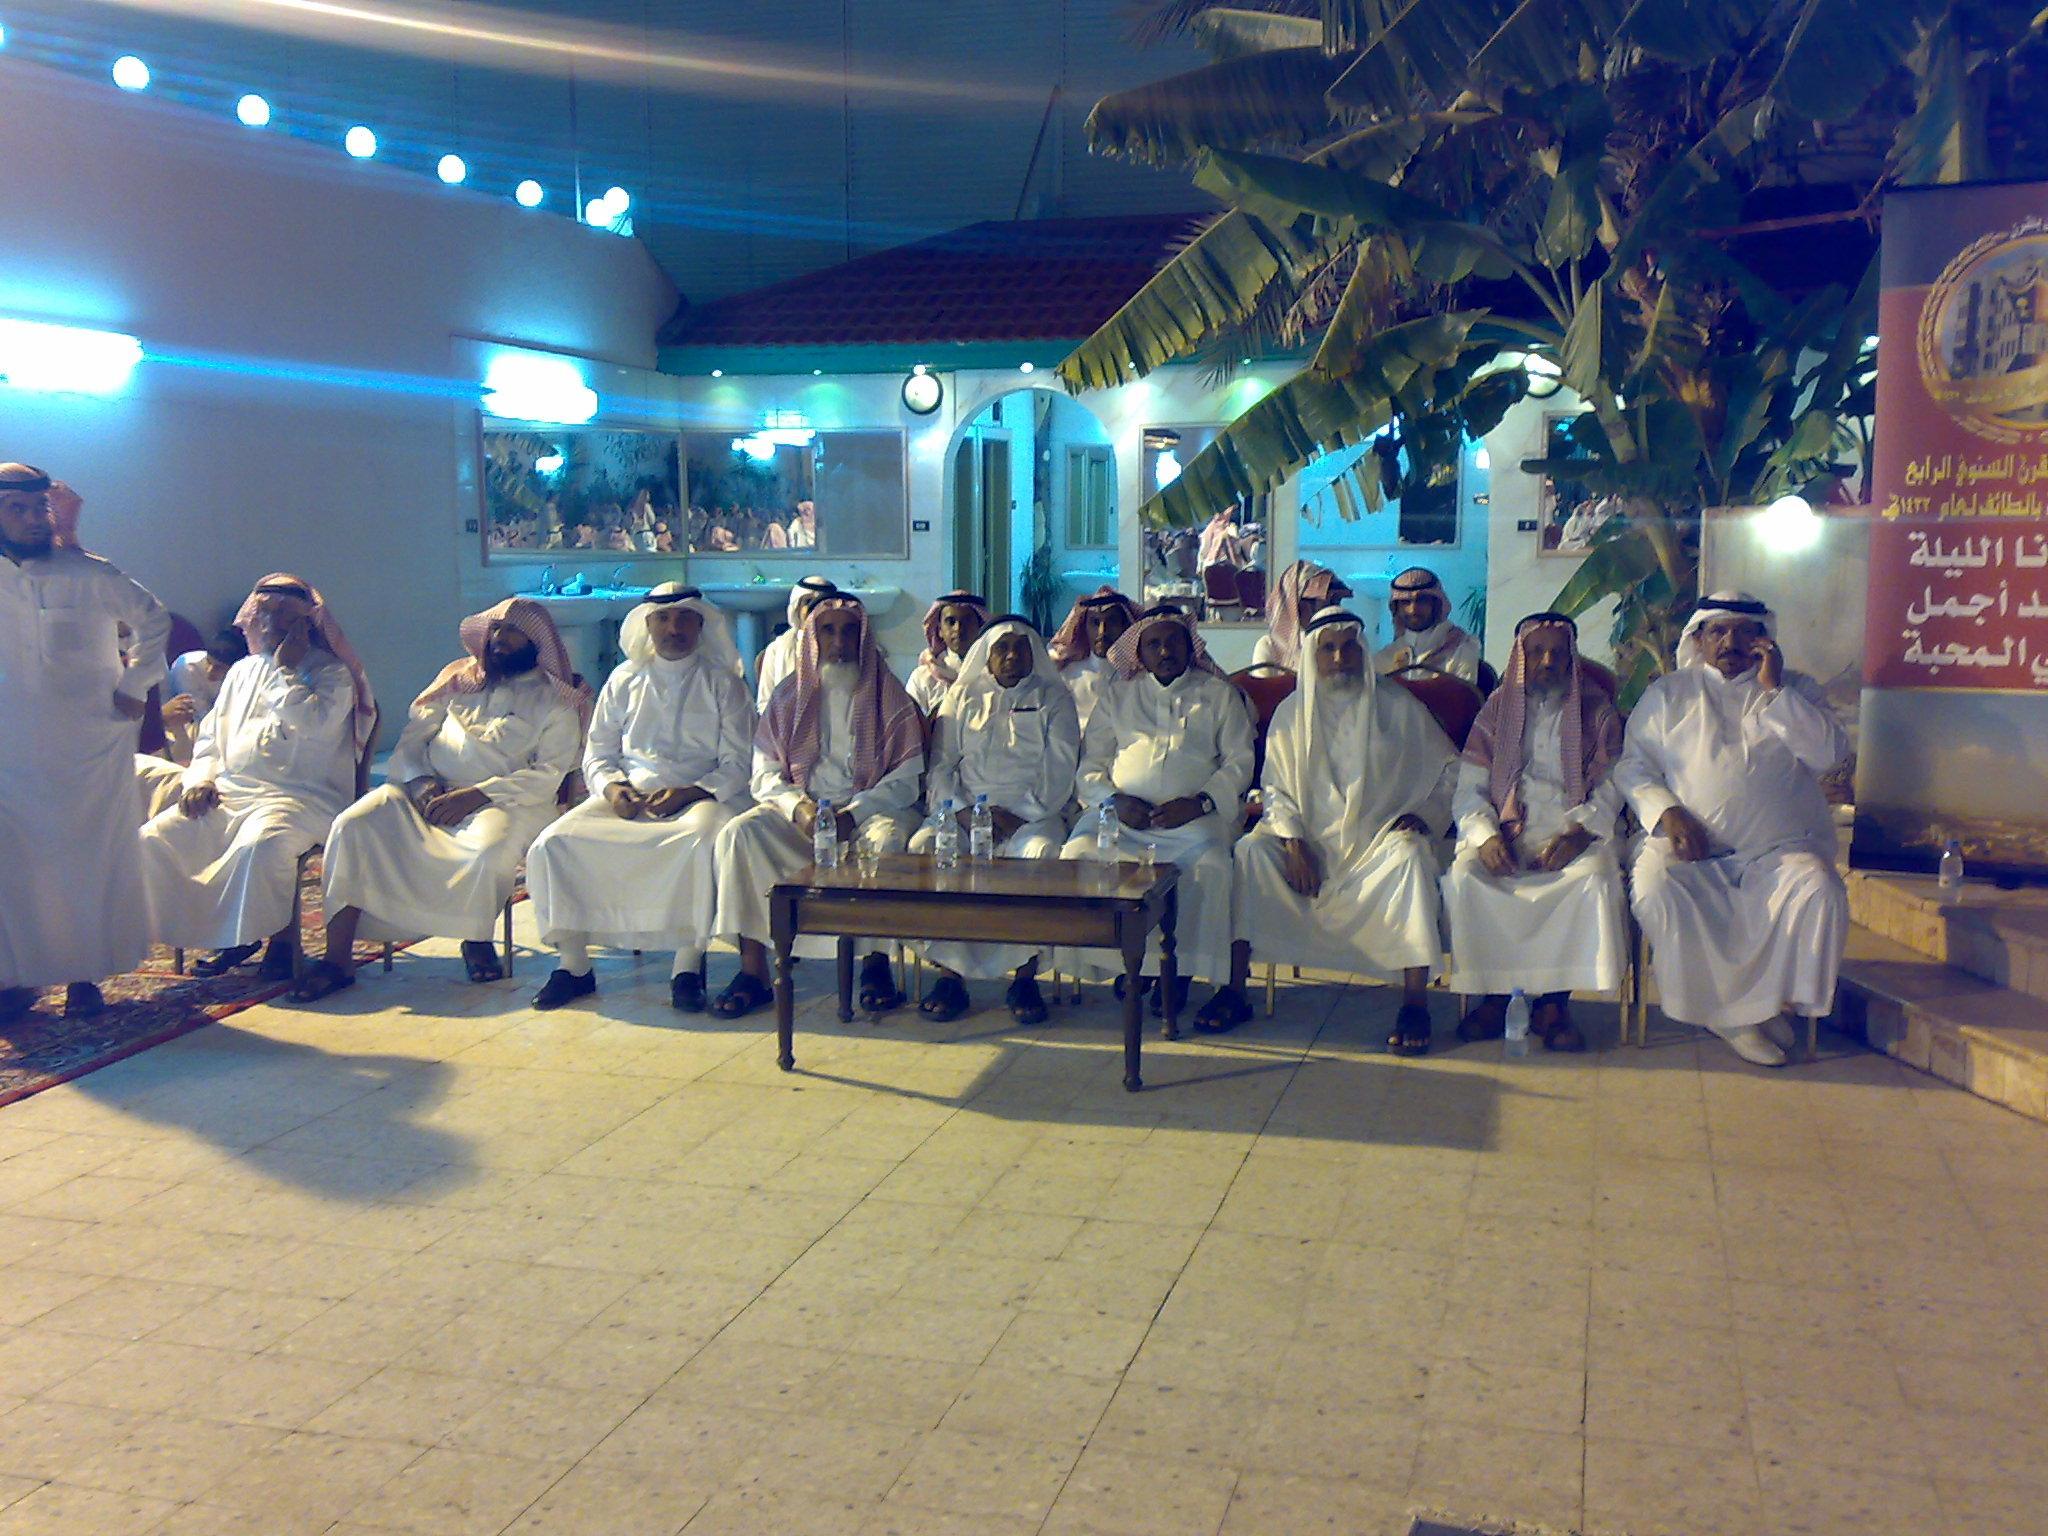 ملتقى قبائل بالقرن الرابع الحجاز Bsg59002.jpg